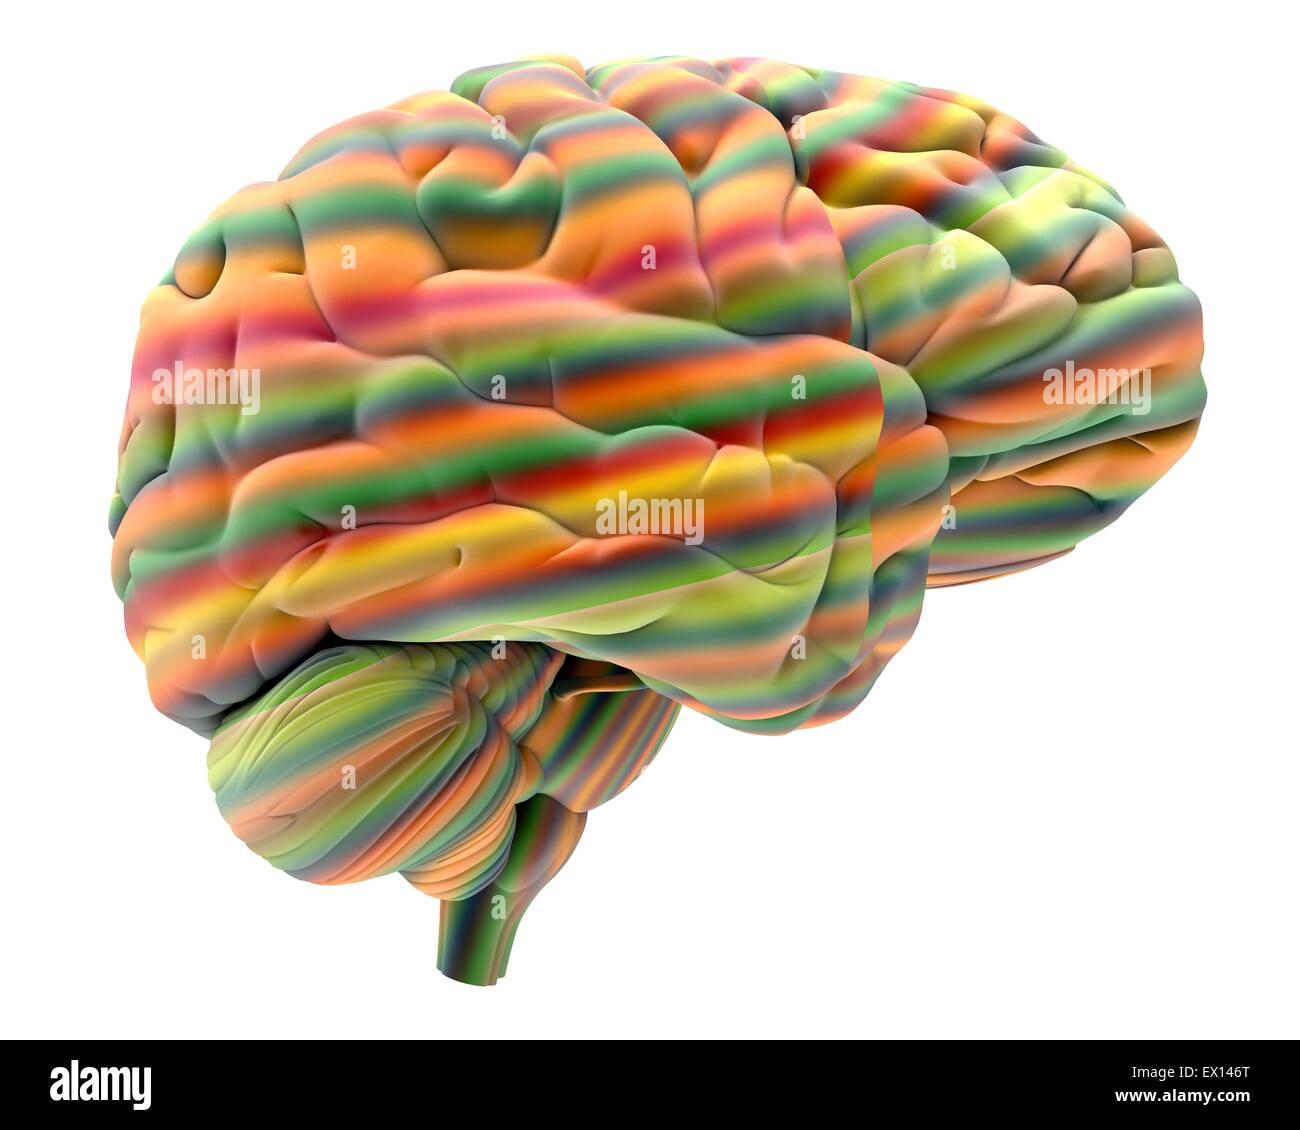 Cerebro computadora abstracta obra de arte de un cerebro humano en la parte frontal del cerebro es el cerebro derecho Imagen De Stock